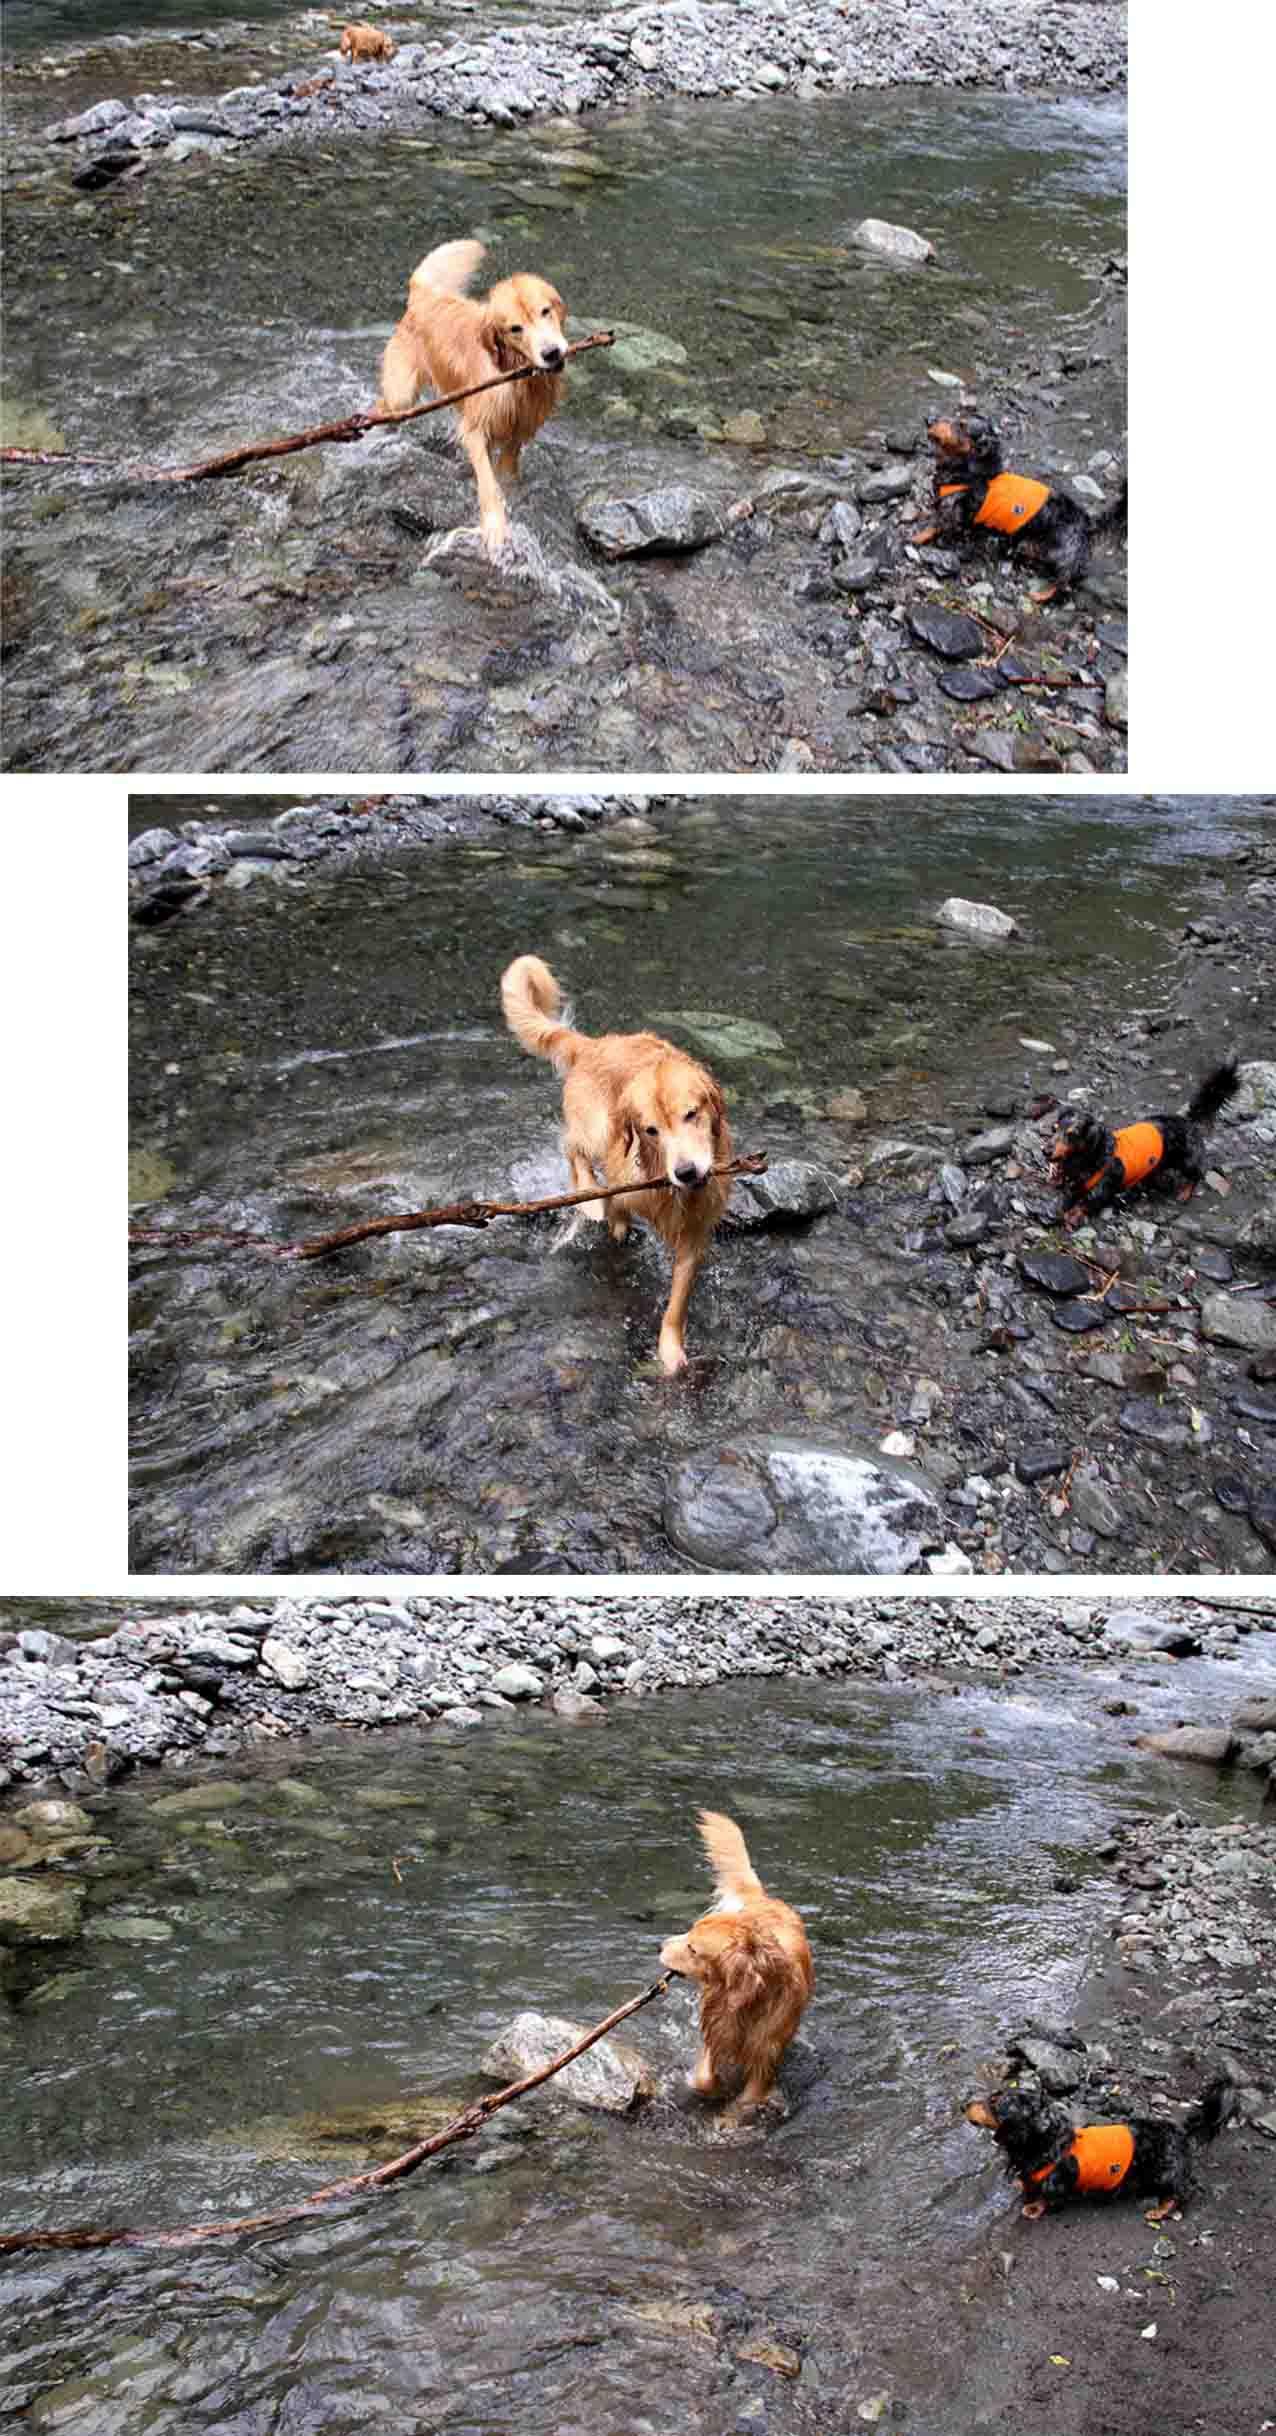 三峰川 7月14日 3度目の渓流 レトリーブ(32)